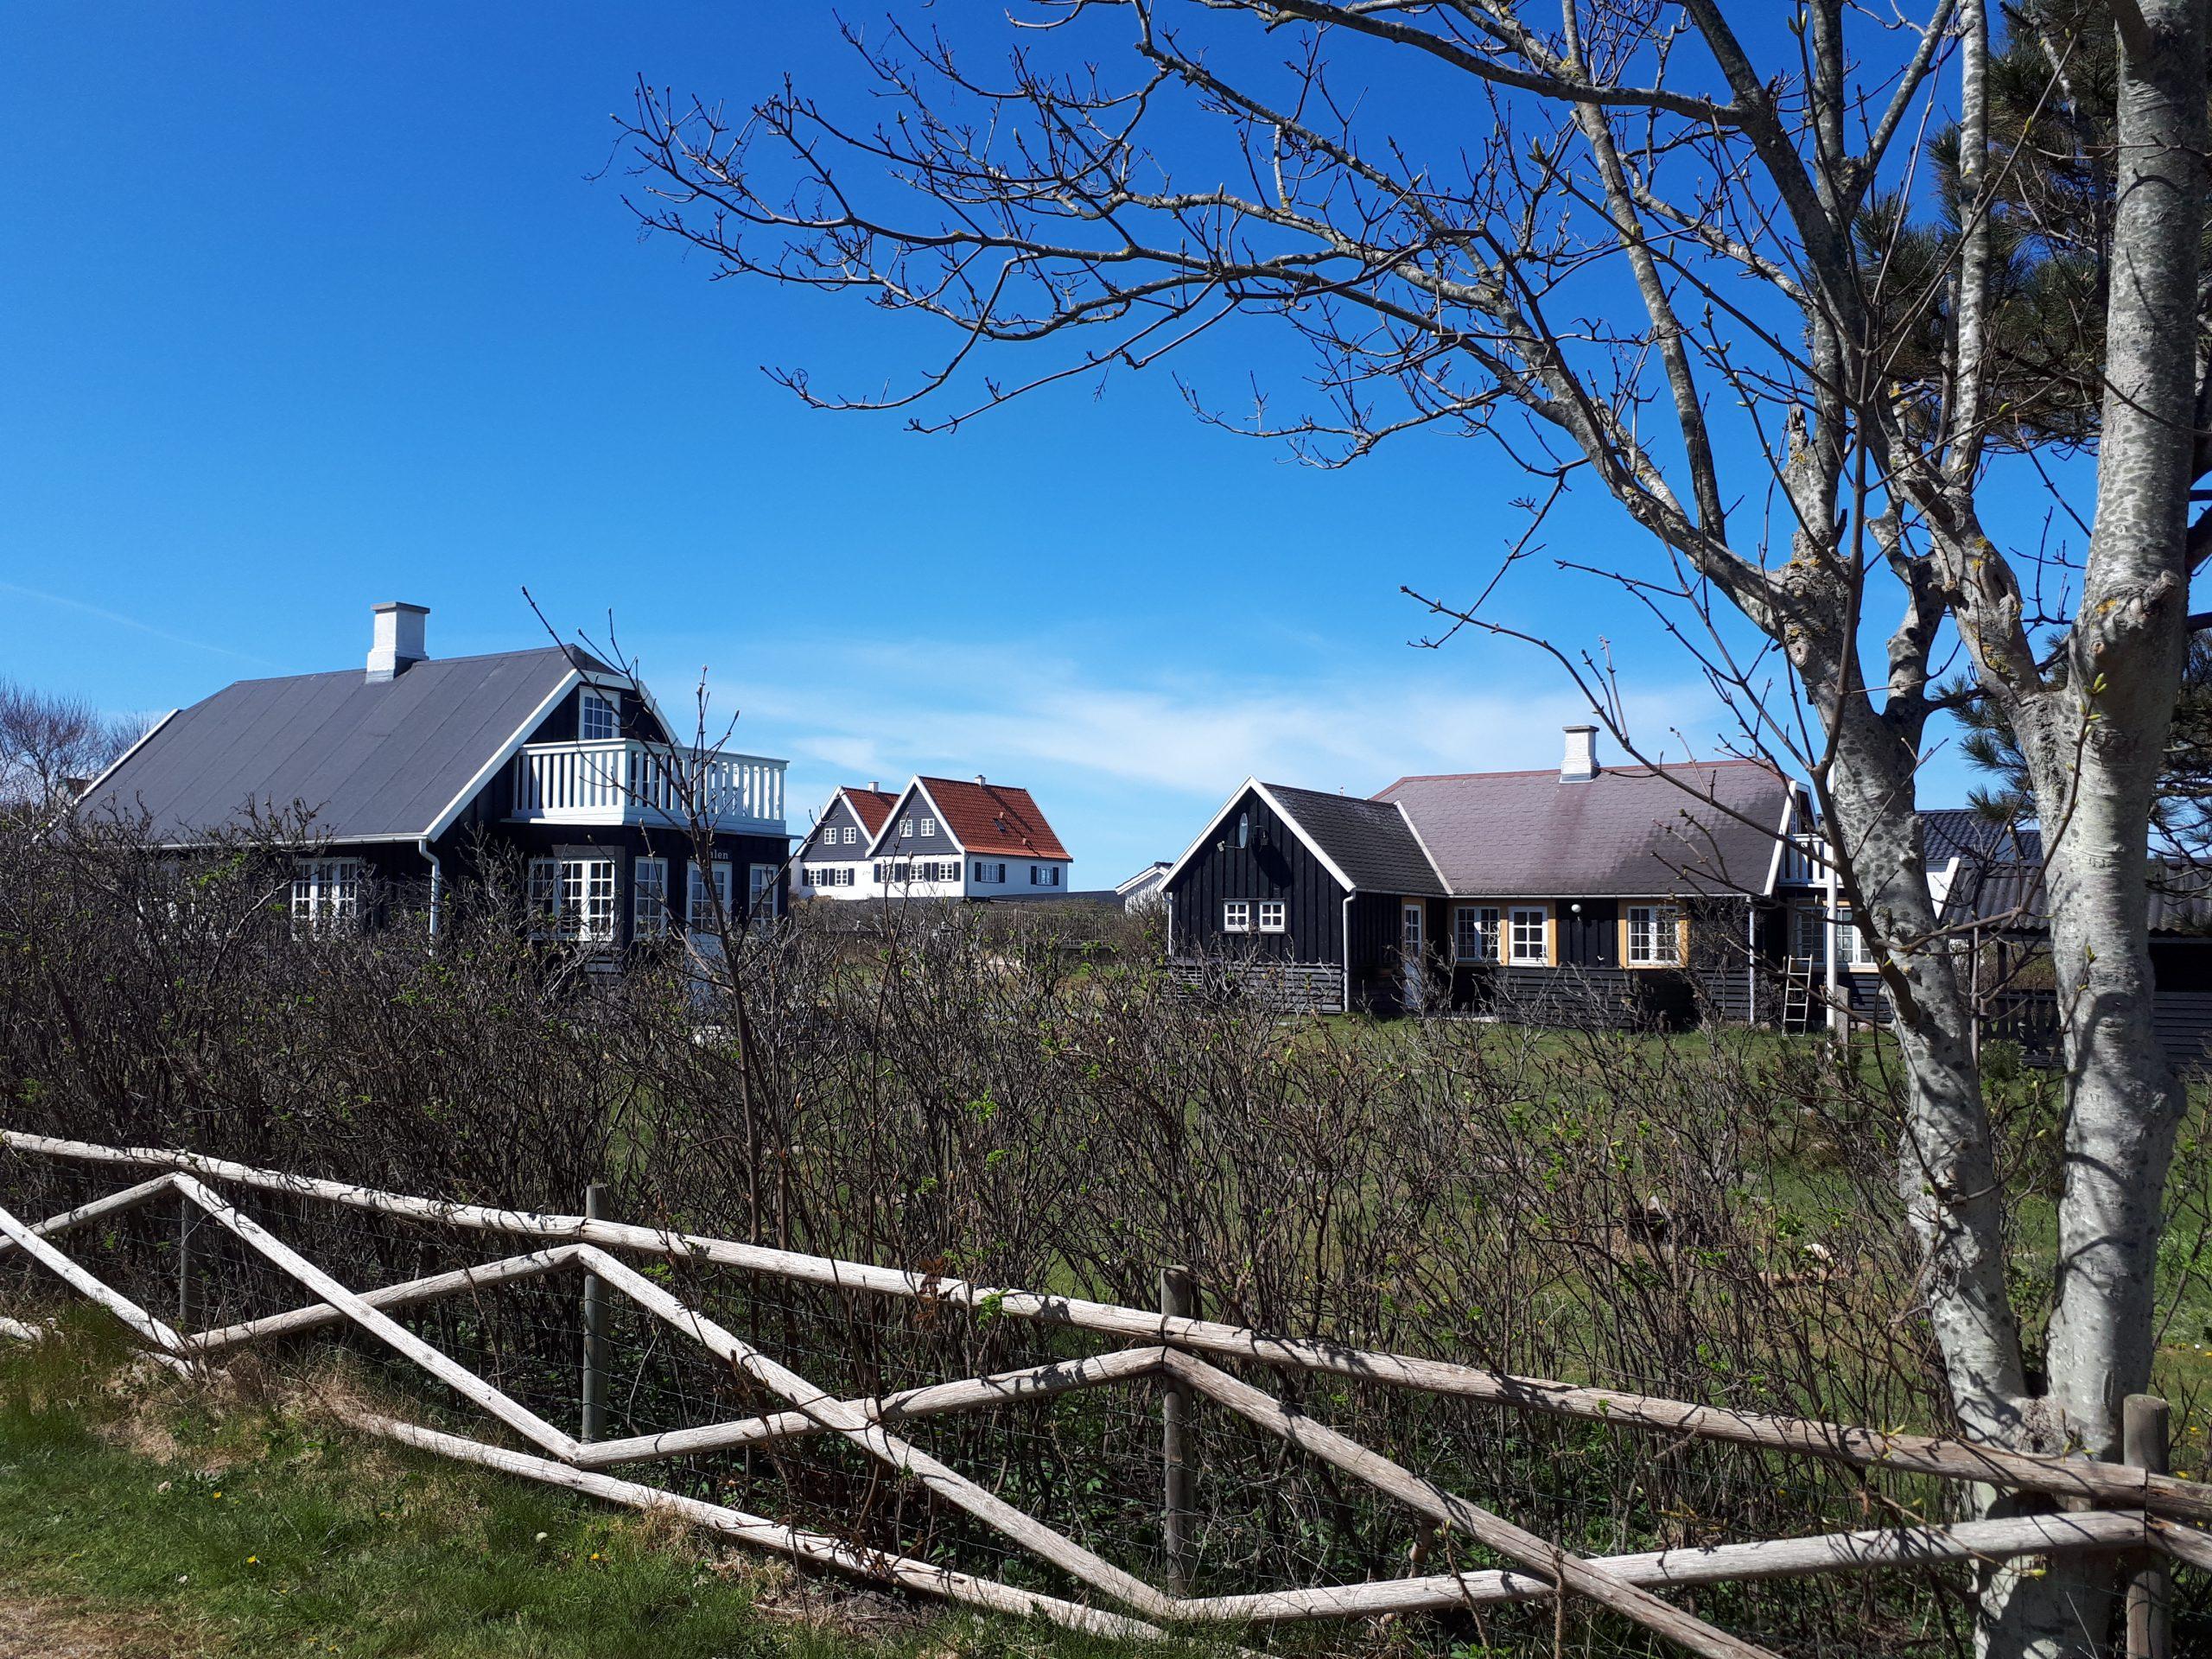 Kun cirka hvert femte af de omkring 200.000 sommerhuse i Danmark udlejes, typisk via etablerede udlejningsbureauers. Men også dette område har svindlere, lyder advarslen. Arkivfoto: Henrik Baumgarten.